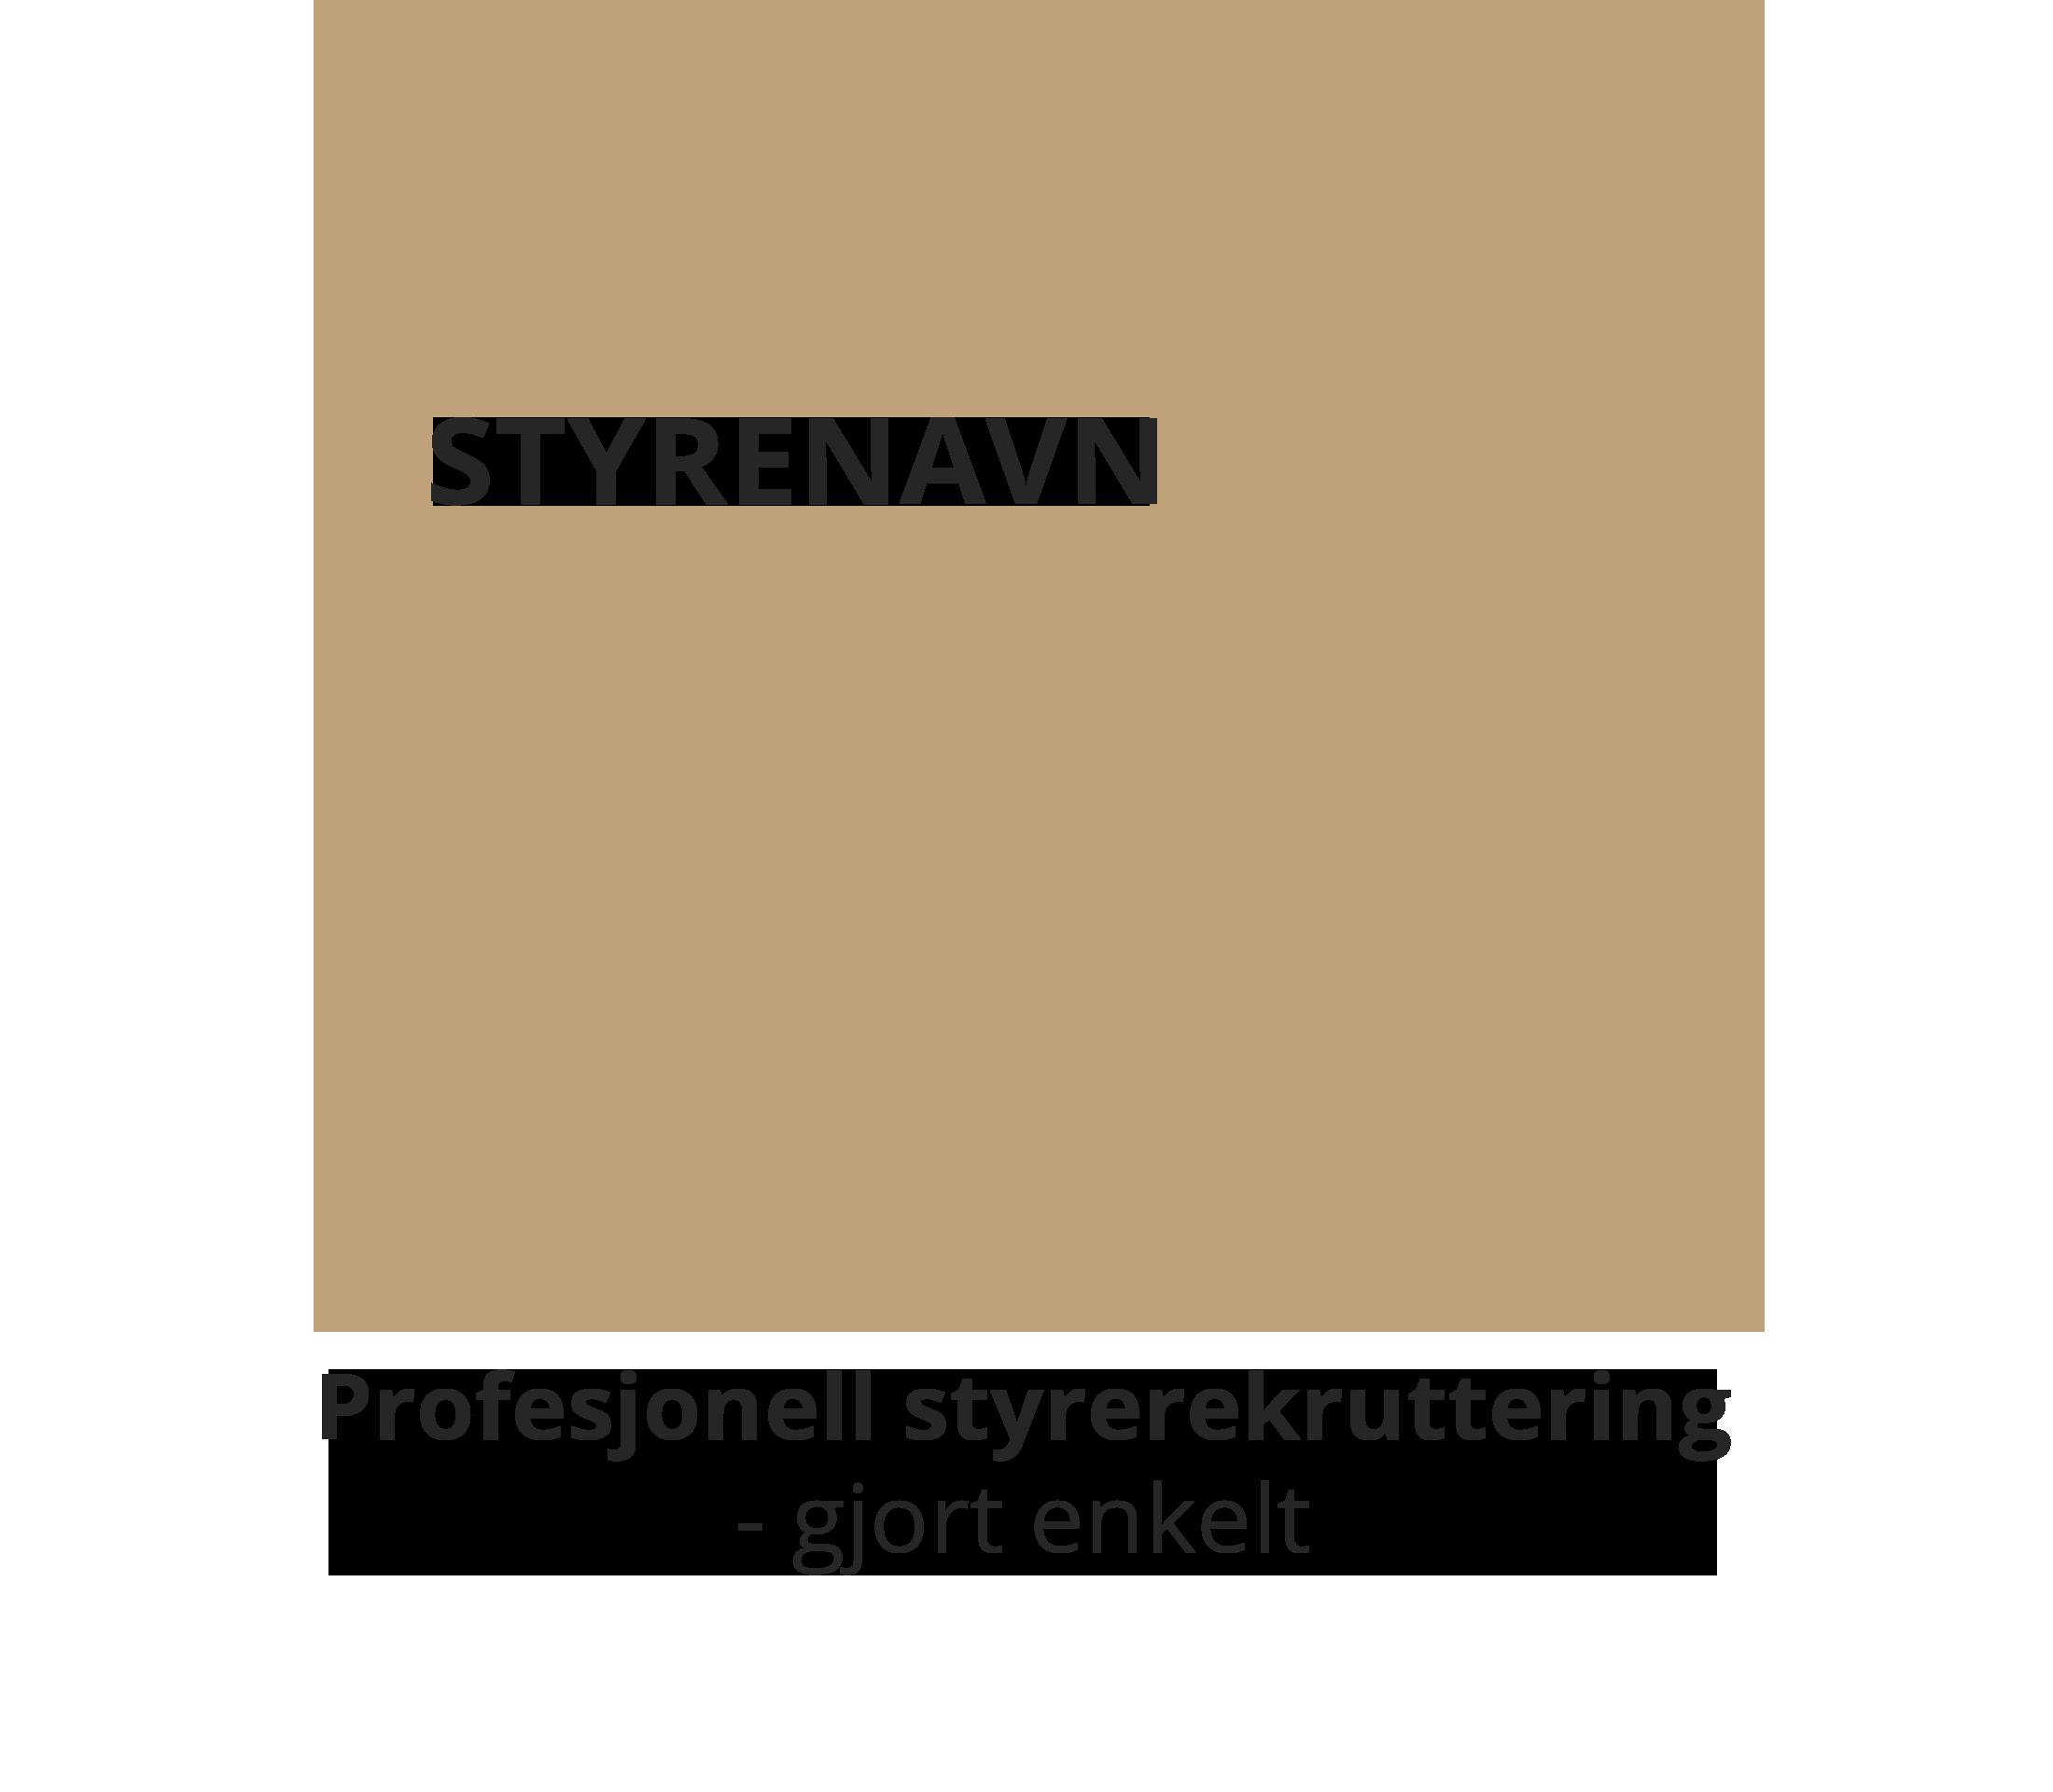 Logo www.styrenavn.no